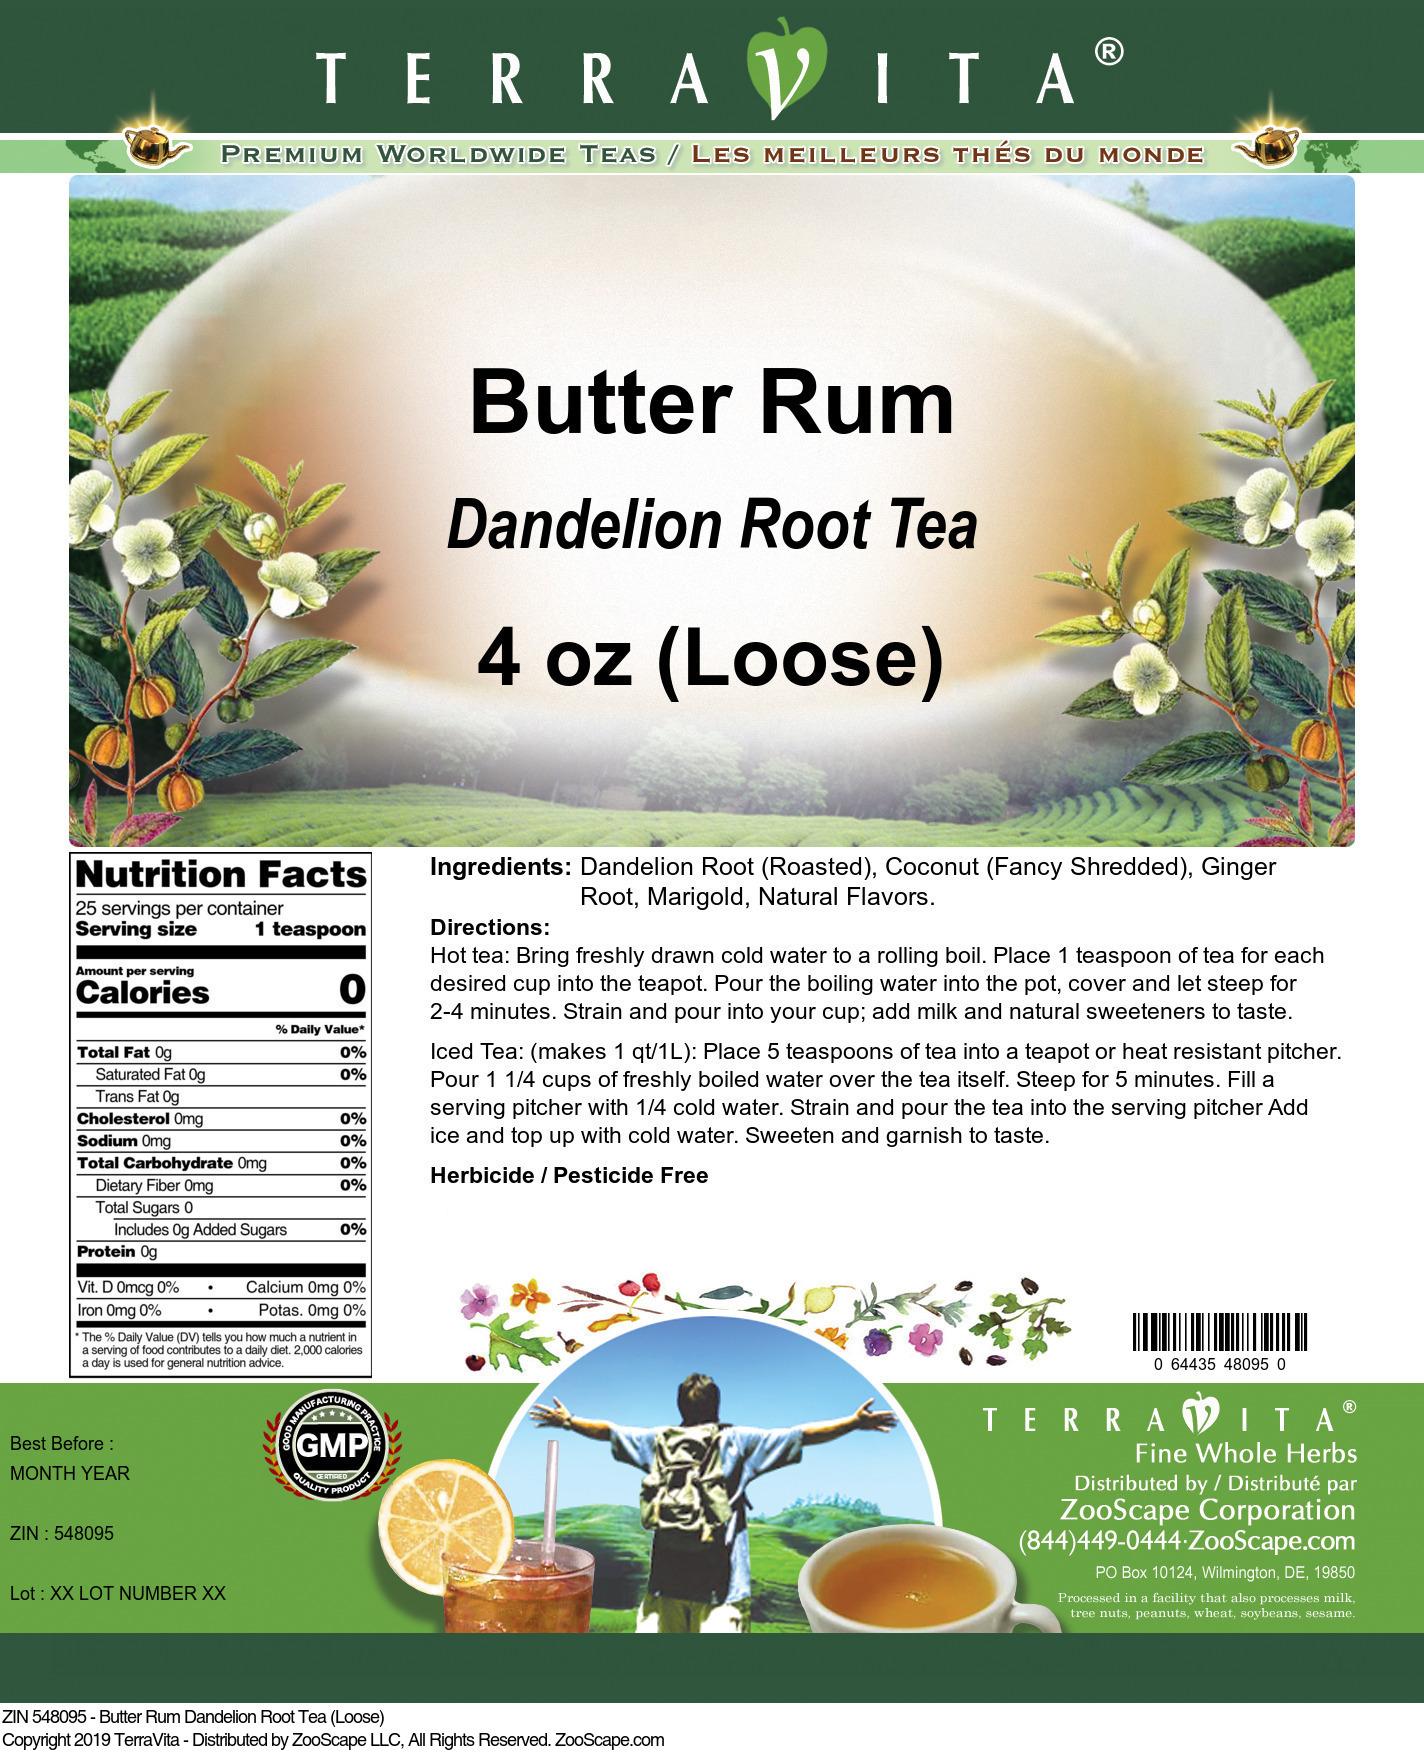 Butter Rum Dandelion Root